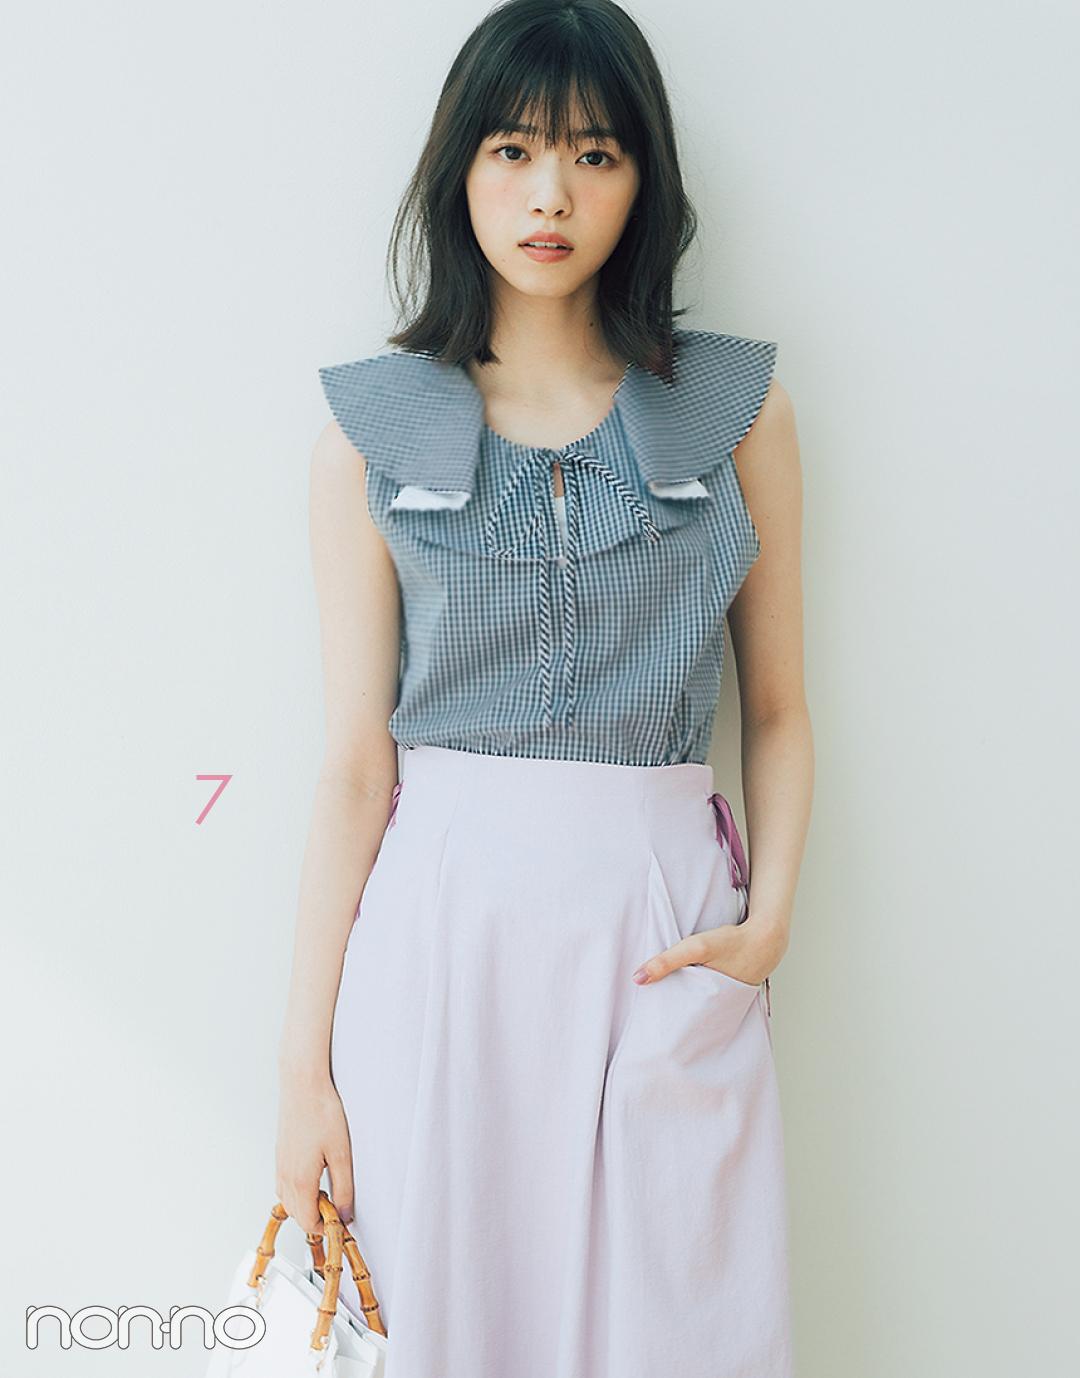 西野七瀬のセットアップで着回しコーデ1×7♡ 淡いピンクはきれいめ派に必須!_1_3-7